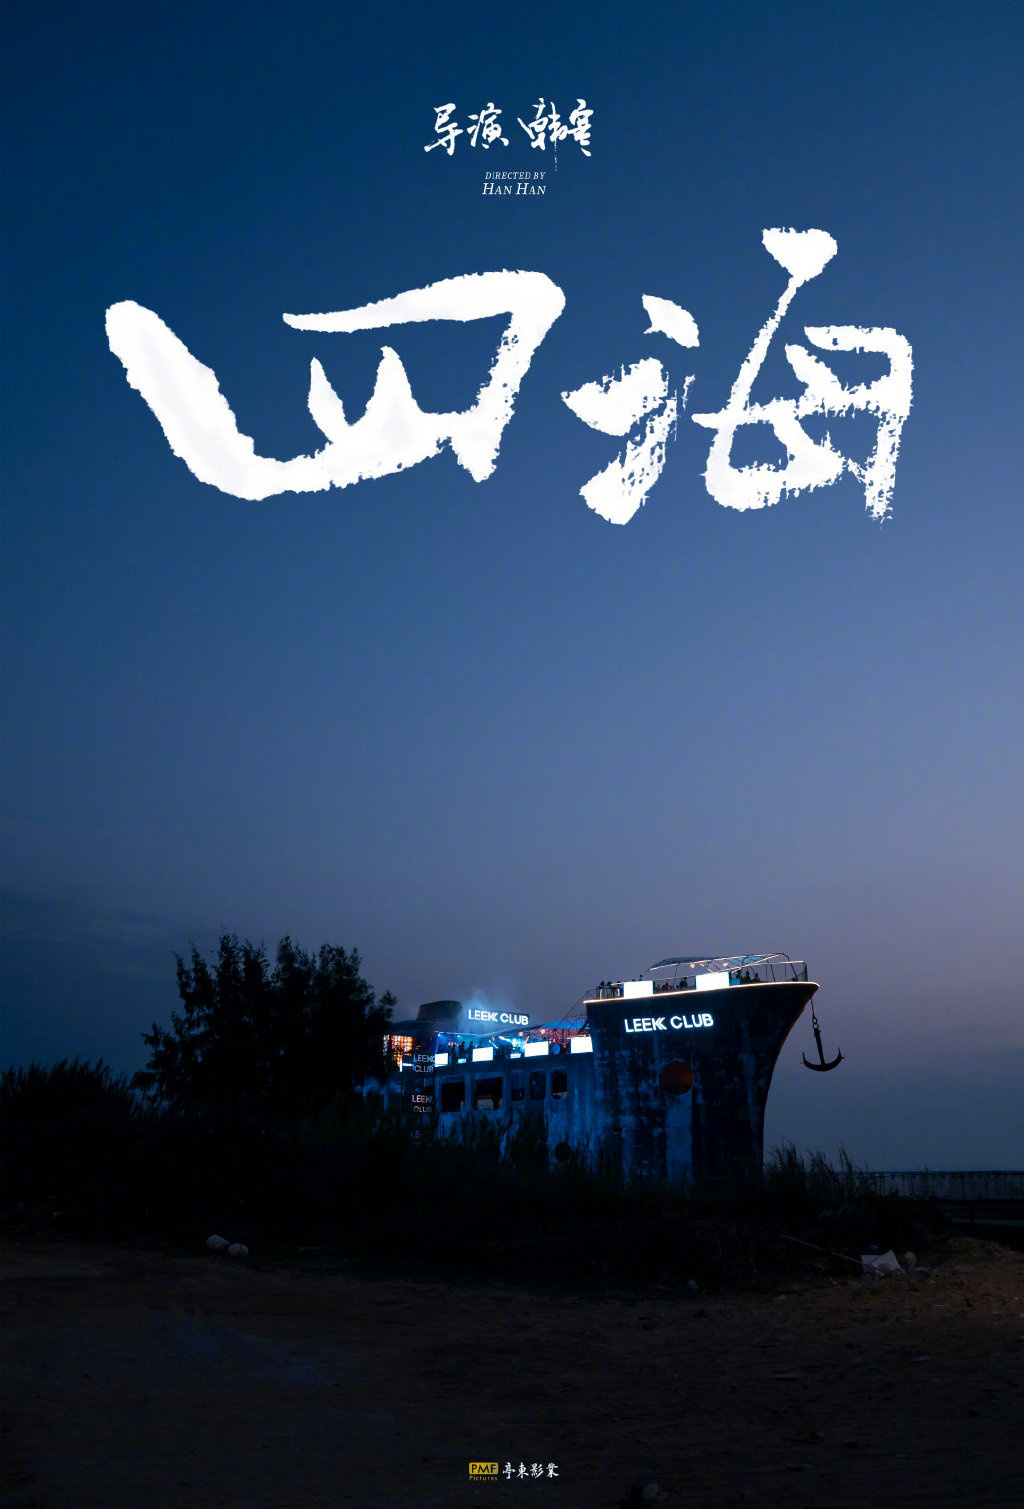 韩寒《四海》定档2022大年初一 刘昊然搭档刘浩存